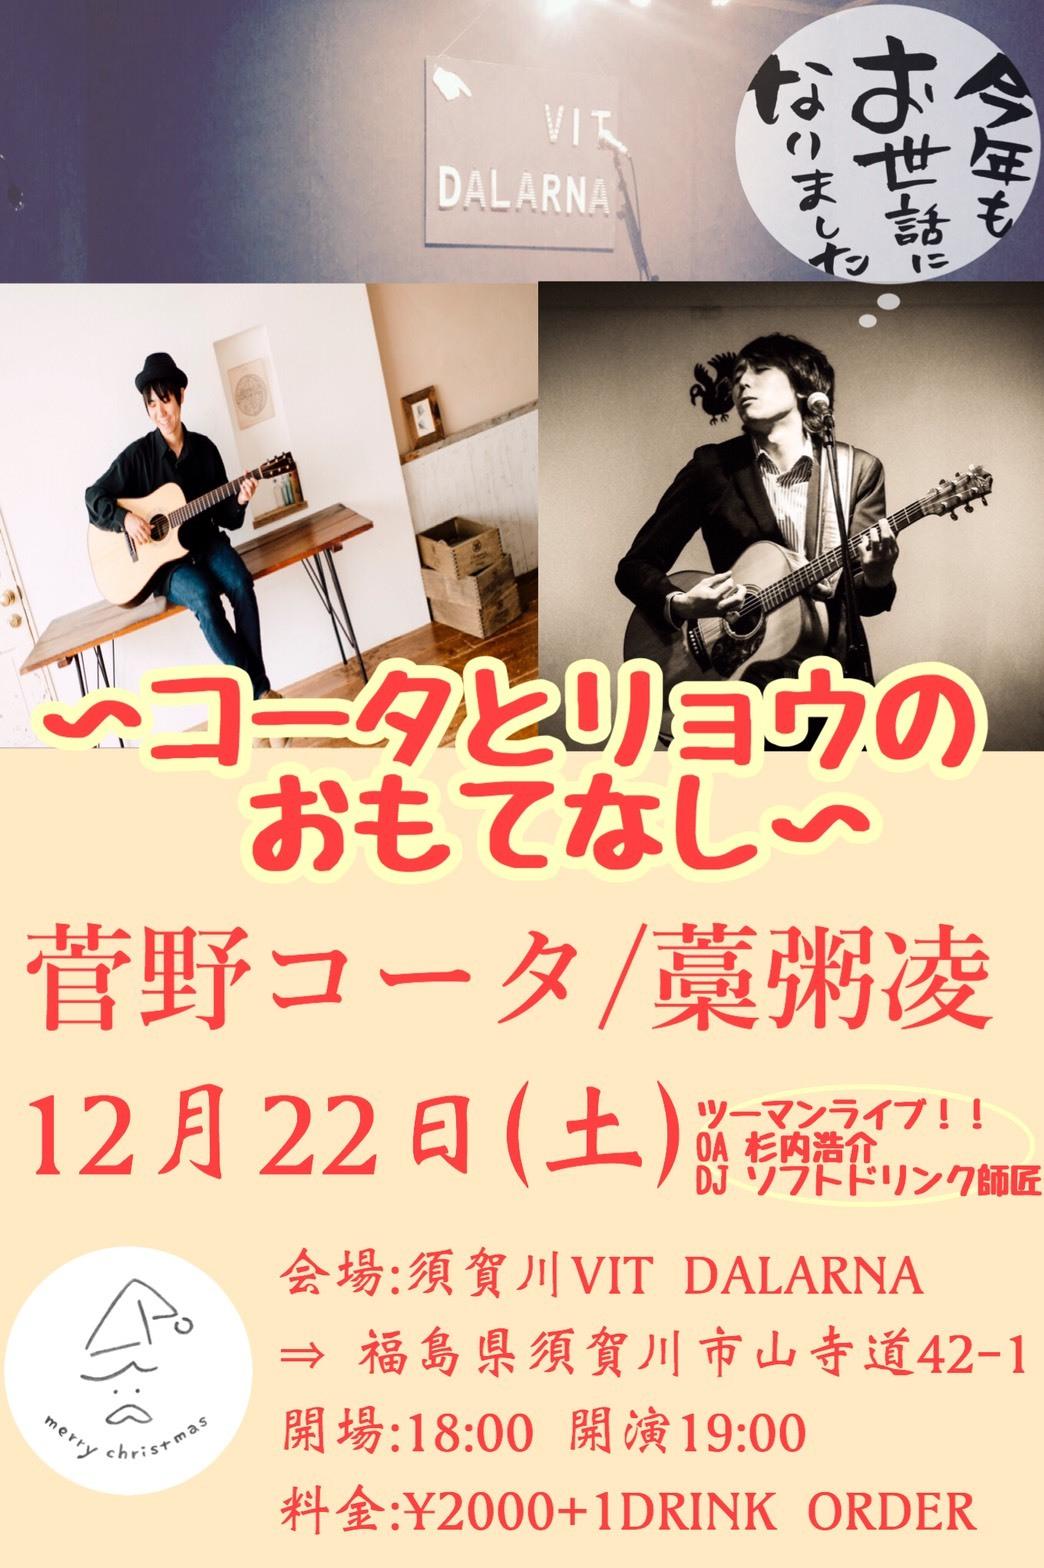 12/22(土) 福島/須賀川 Vit dalarna_f0364521_22255745.jpg